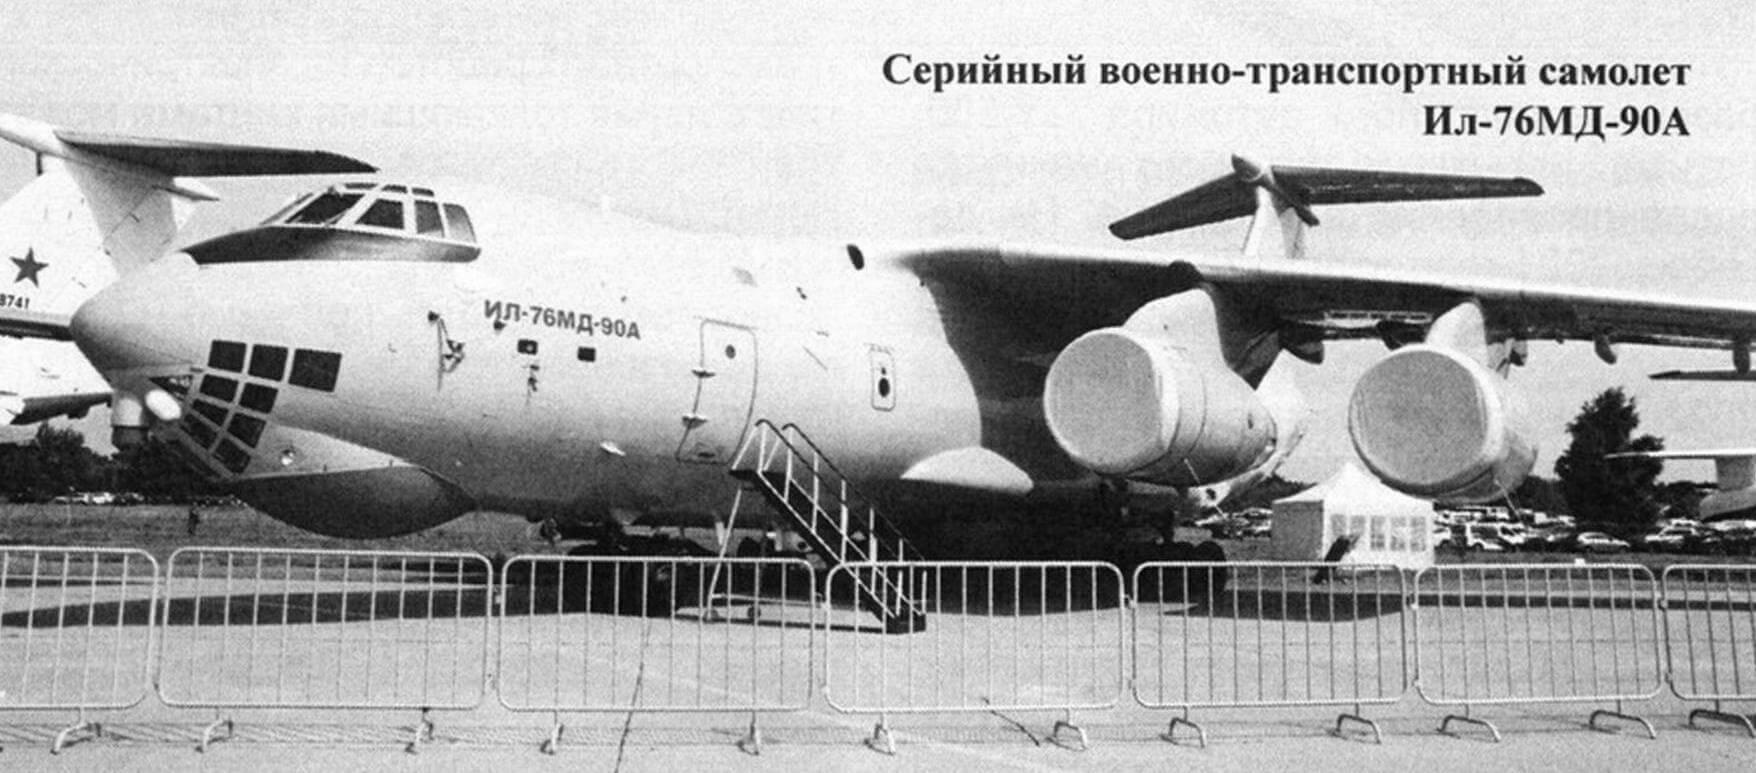 Серийный военно-транспортный самолет Ил-76МД-90А